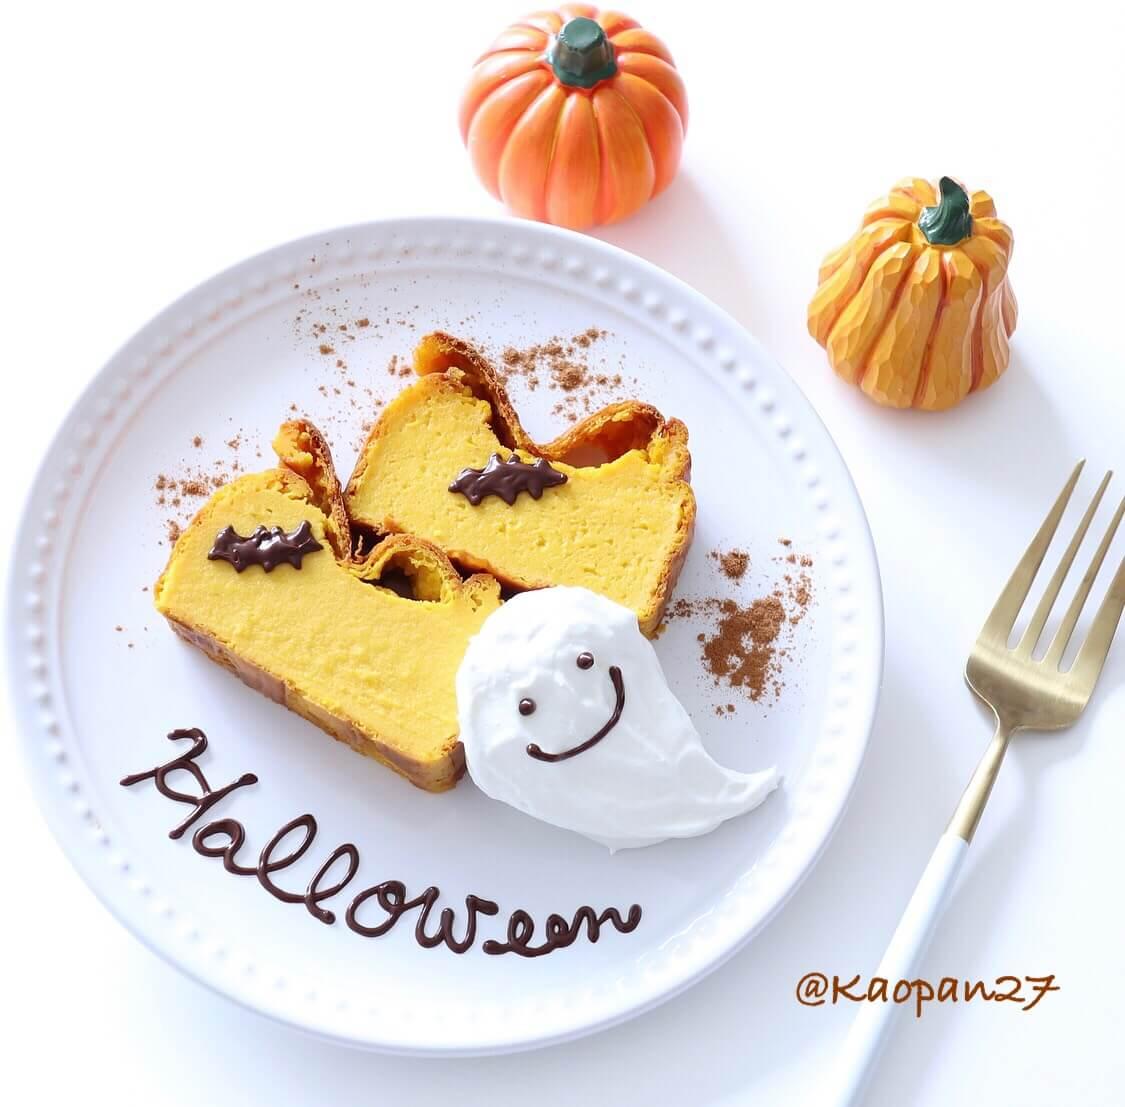 kaori-%e3%83%ac%e3%82%b7%e3%83%92%e3%82%9a-%e3%82%b9%e3%82%a4%e3%83%bc%e3%83%84-%e3%83%8f%e3%83%ad%e3%82%a6%e3%82%a3%e3%83%b3-recipe-sweets-halloween-%e7%94%9c%e9%bb%9e-%e9%a3%9f%e8%ad%9c-4-2